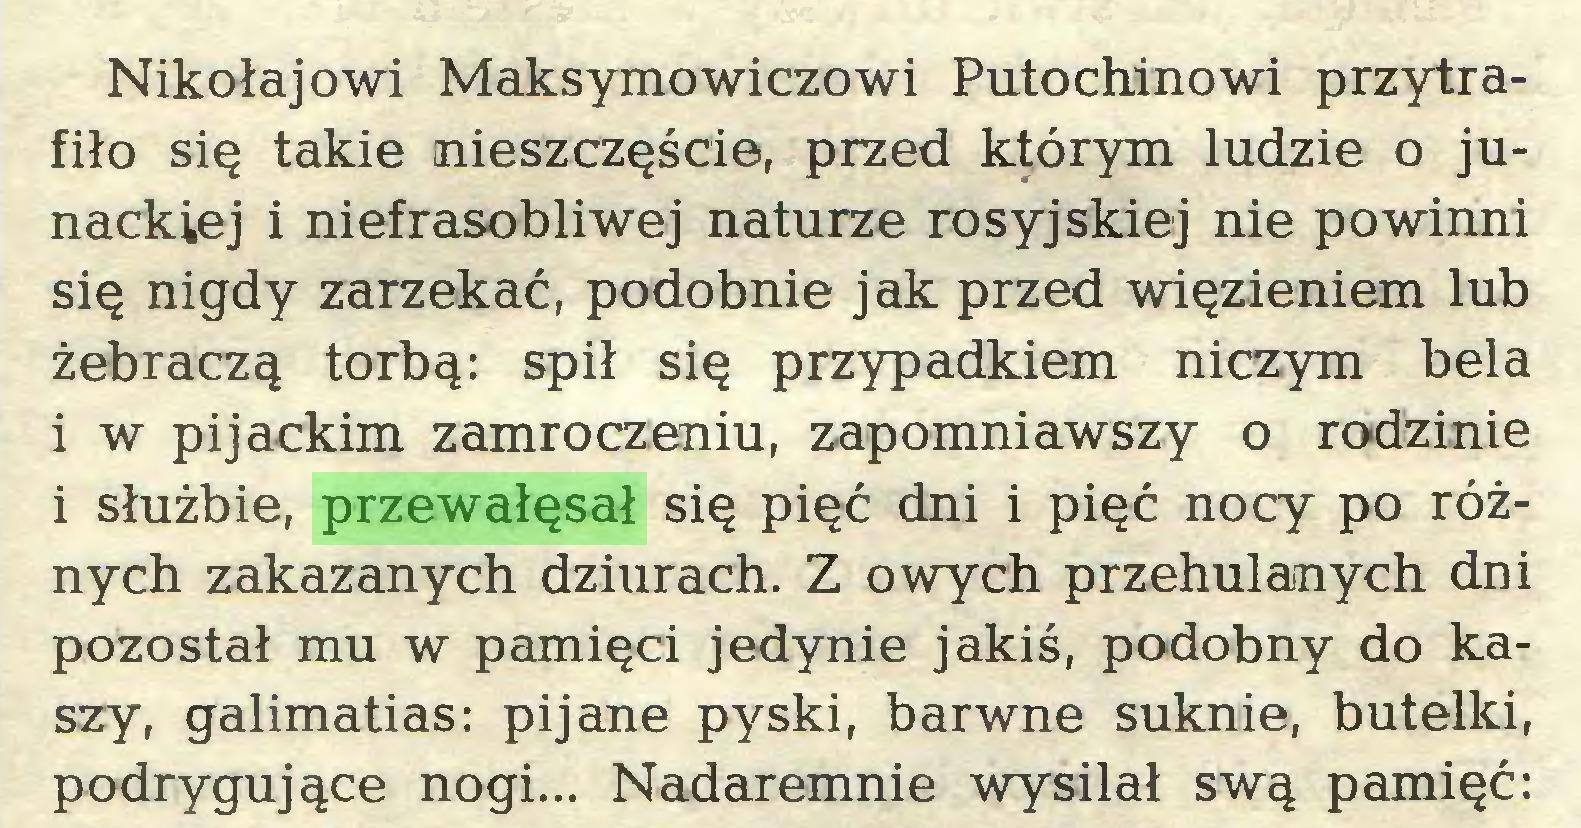 (...) Nikołajowi Maksymowiczowi Putochinowi przytrafiło się takie nieszczęście, przed którym ludzie o junackiej i niefrasobliwej naturze rosyjskiej nie powinni się nigdy zarzekać, podobnie jak przed więzieniem lub żebraczą torbą: spił się przypadkiem niczym bela i w pijackim zamroczeniu, zapomniawszy o rodzinie i służbie, przewałęsał się pięć dni i pięć nocy po różnych zakazanych dziurach. Z owych przehulanych dni pozostał mu w pamięci jedynie jakiś, podobny do kaszy, galimatias: pijane pyski, barwne suknie, butelki, podrygujące nogi... Nadaremnie wysilał swą pamięć:...